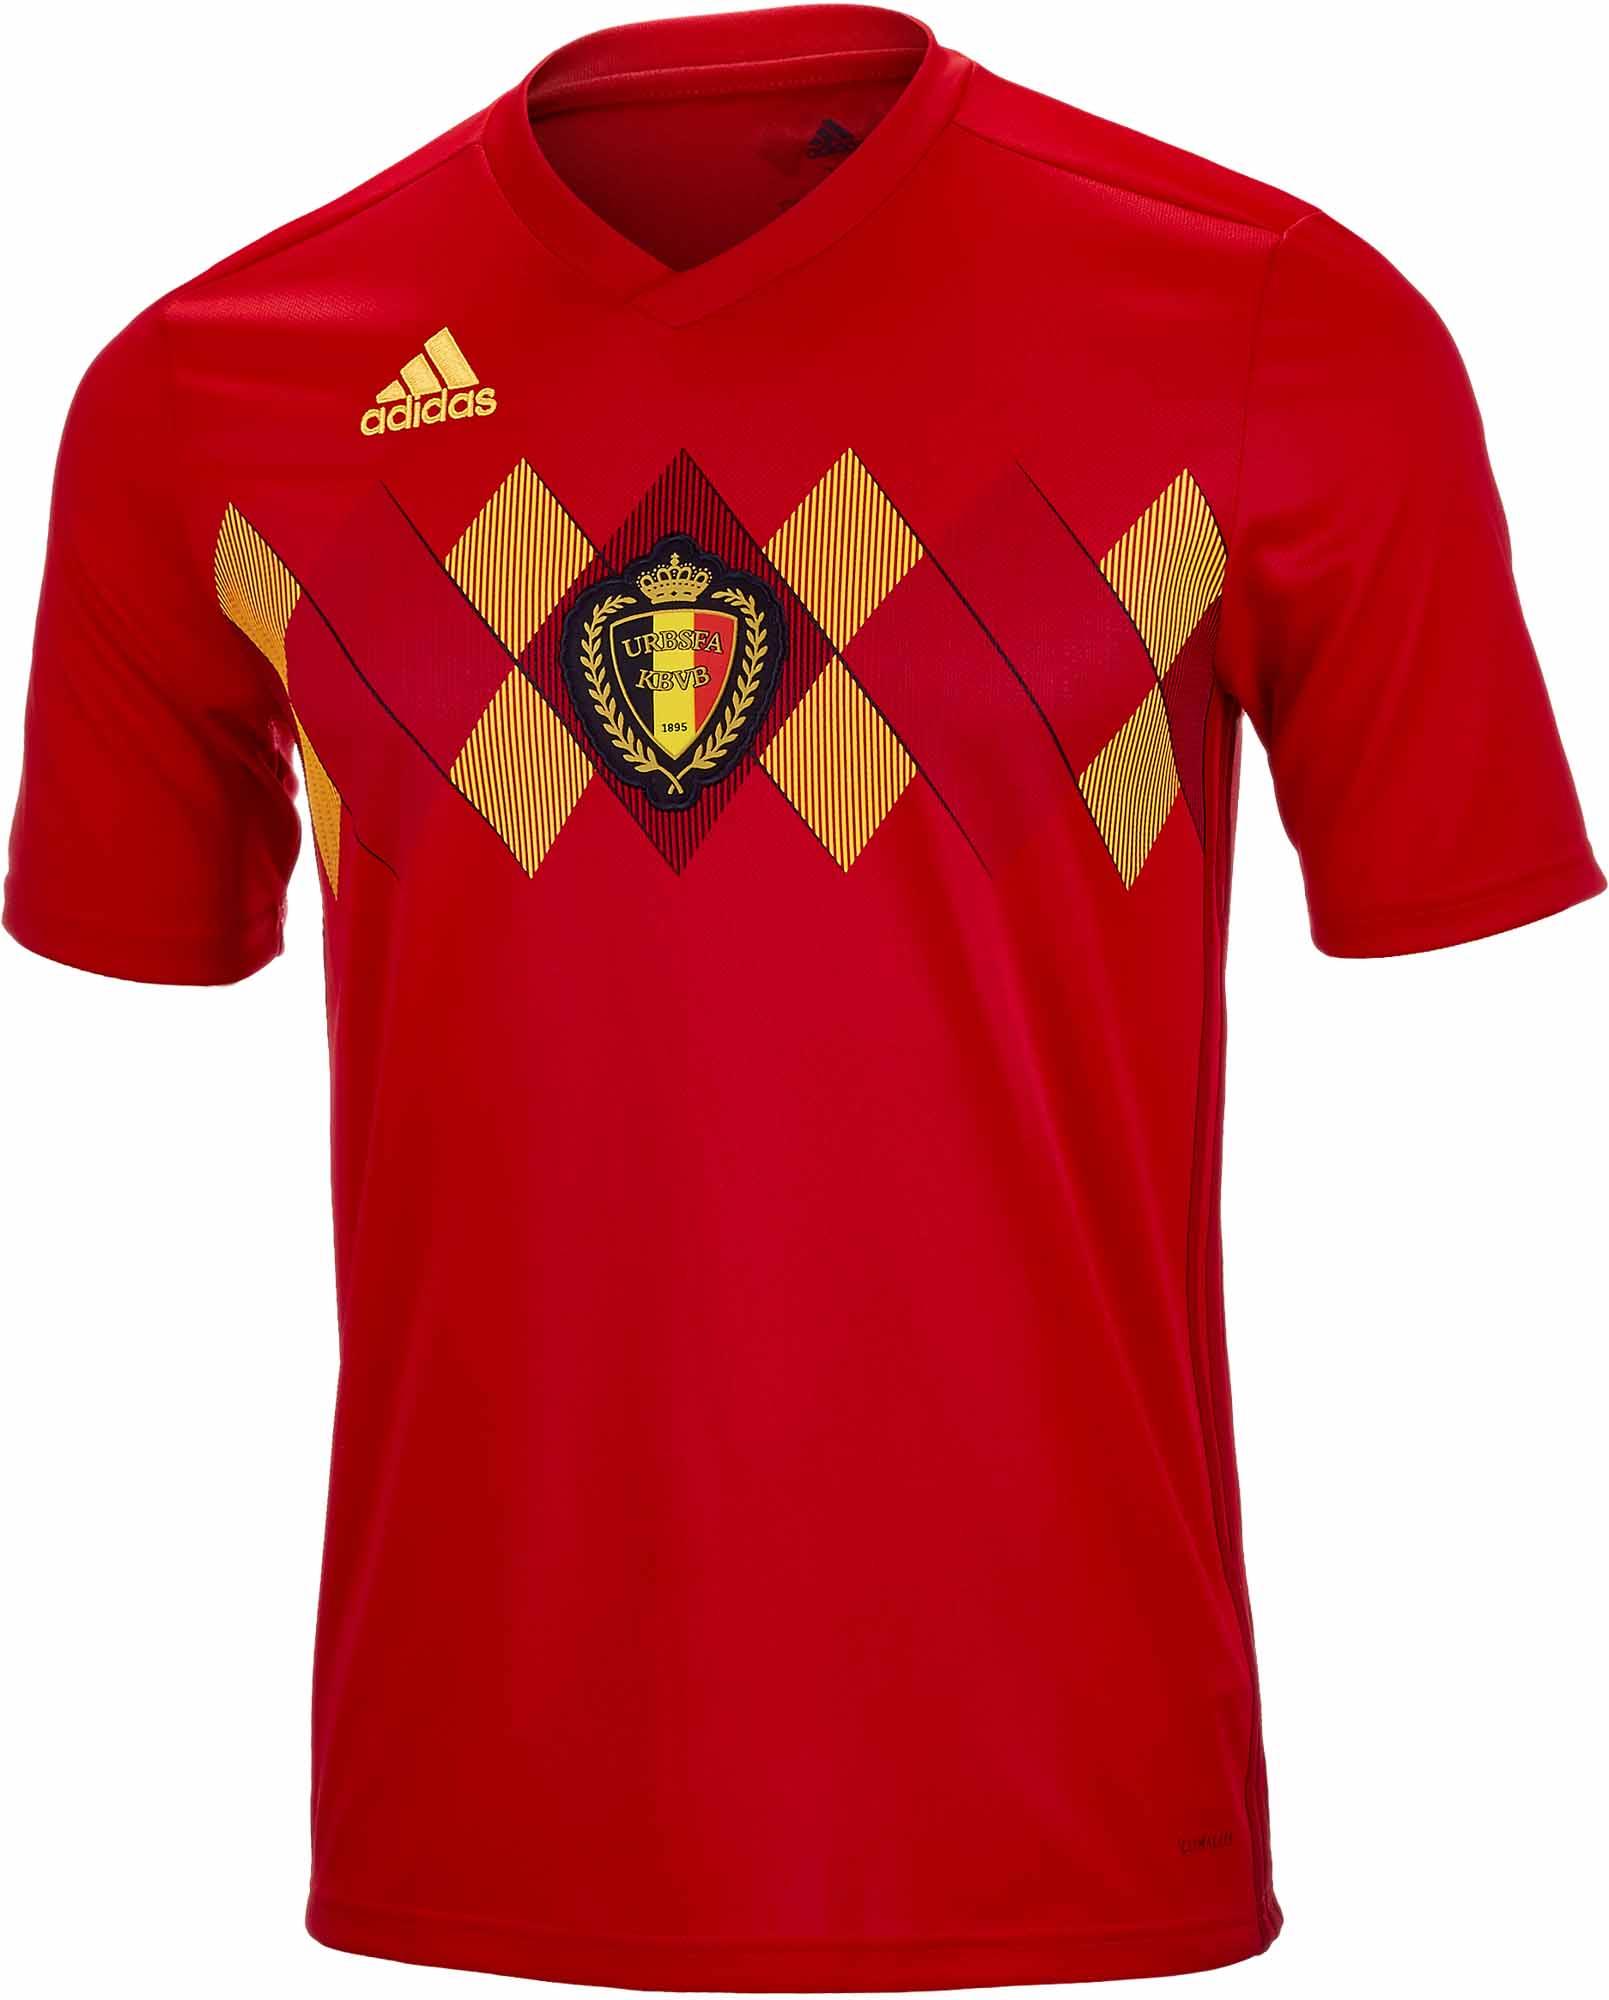 adidas Kids Belgium Home Jersey 2018-19 - SoccerPro 23d82a8f6